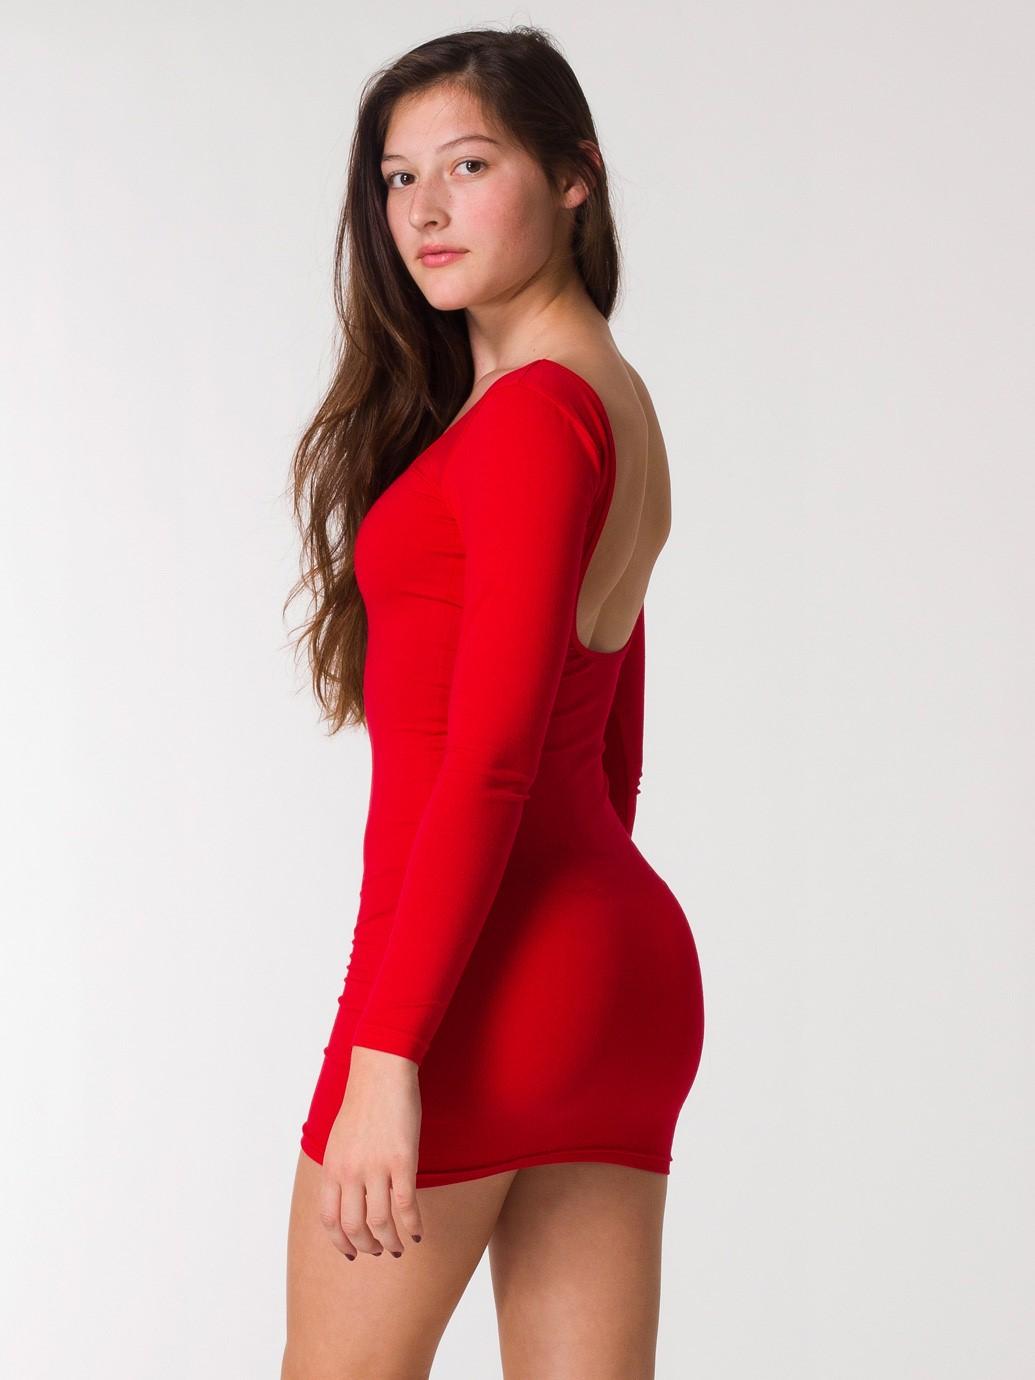 parte superior putas cabello rojo